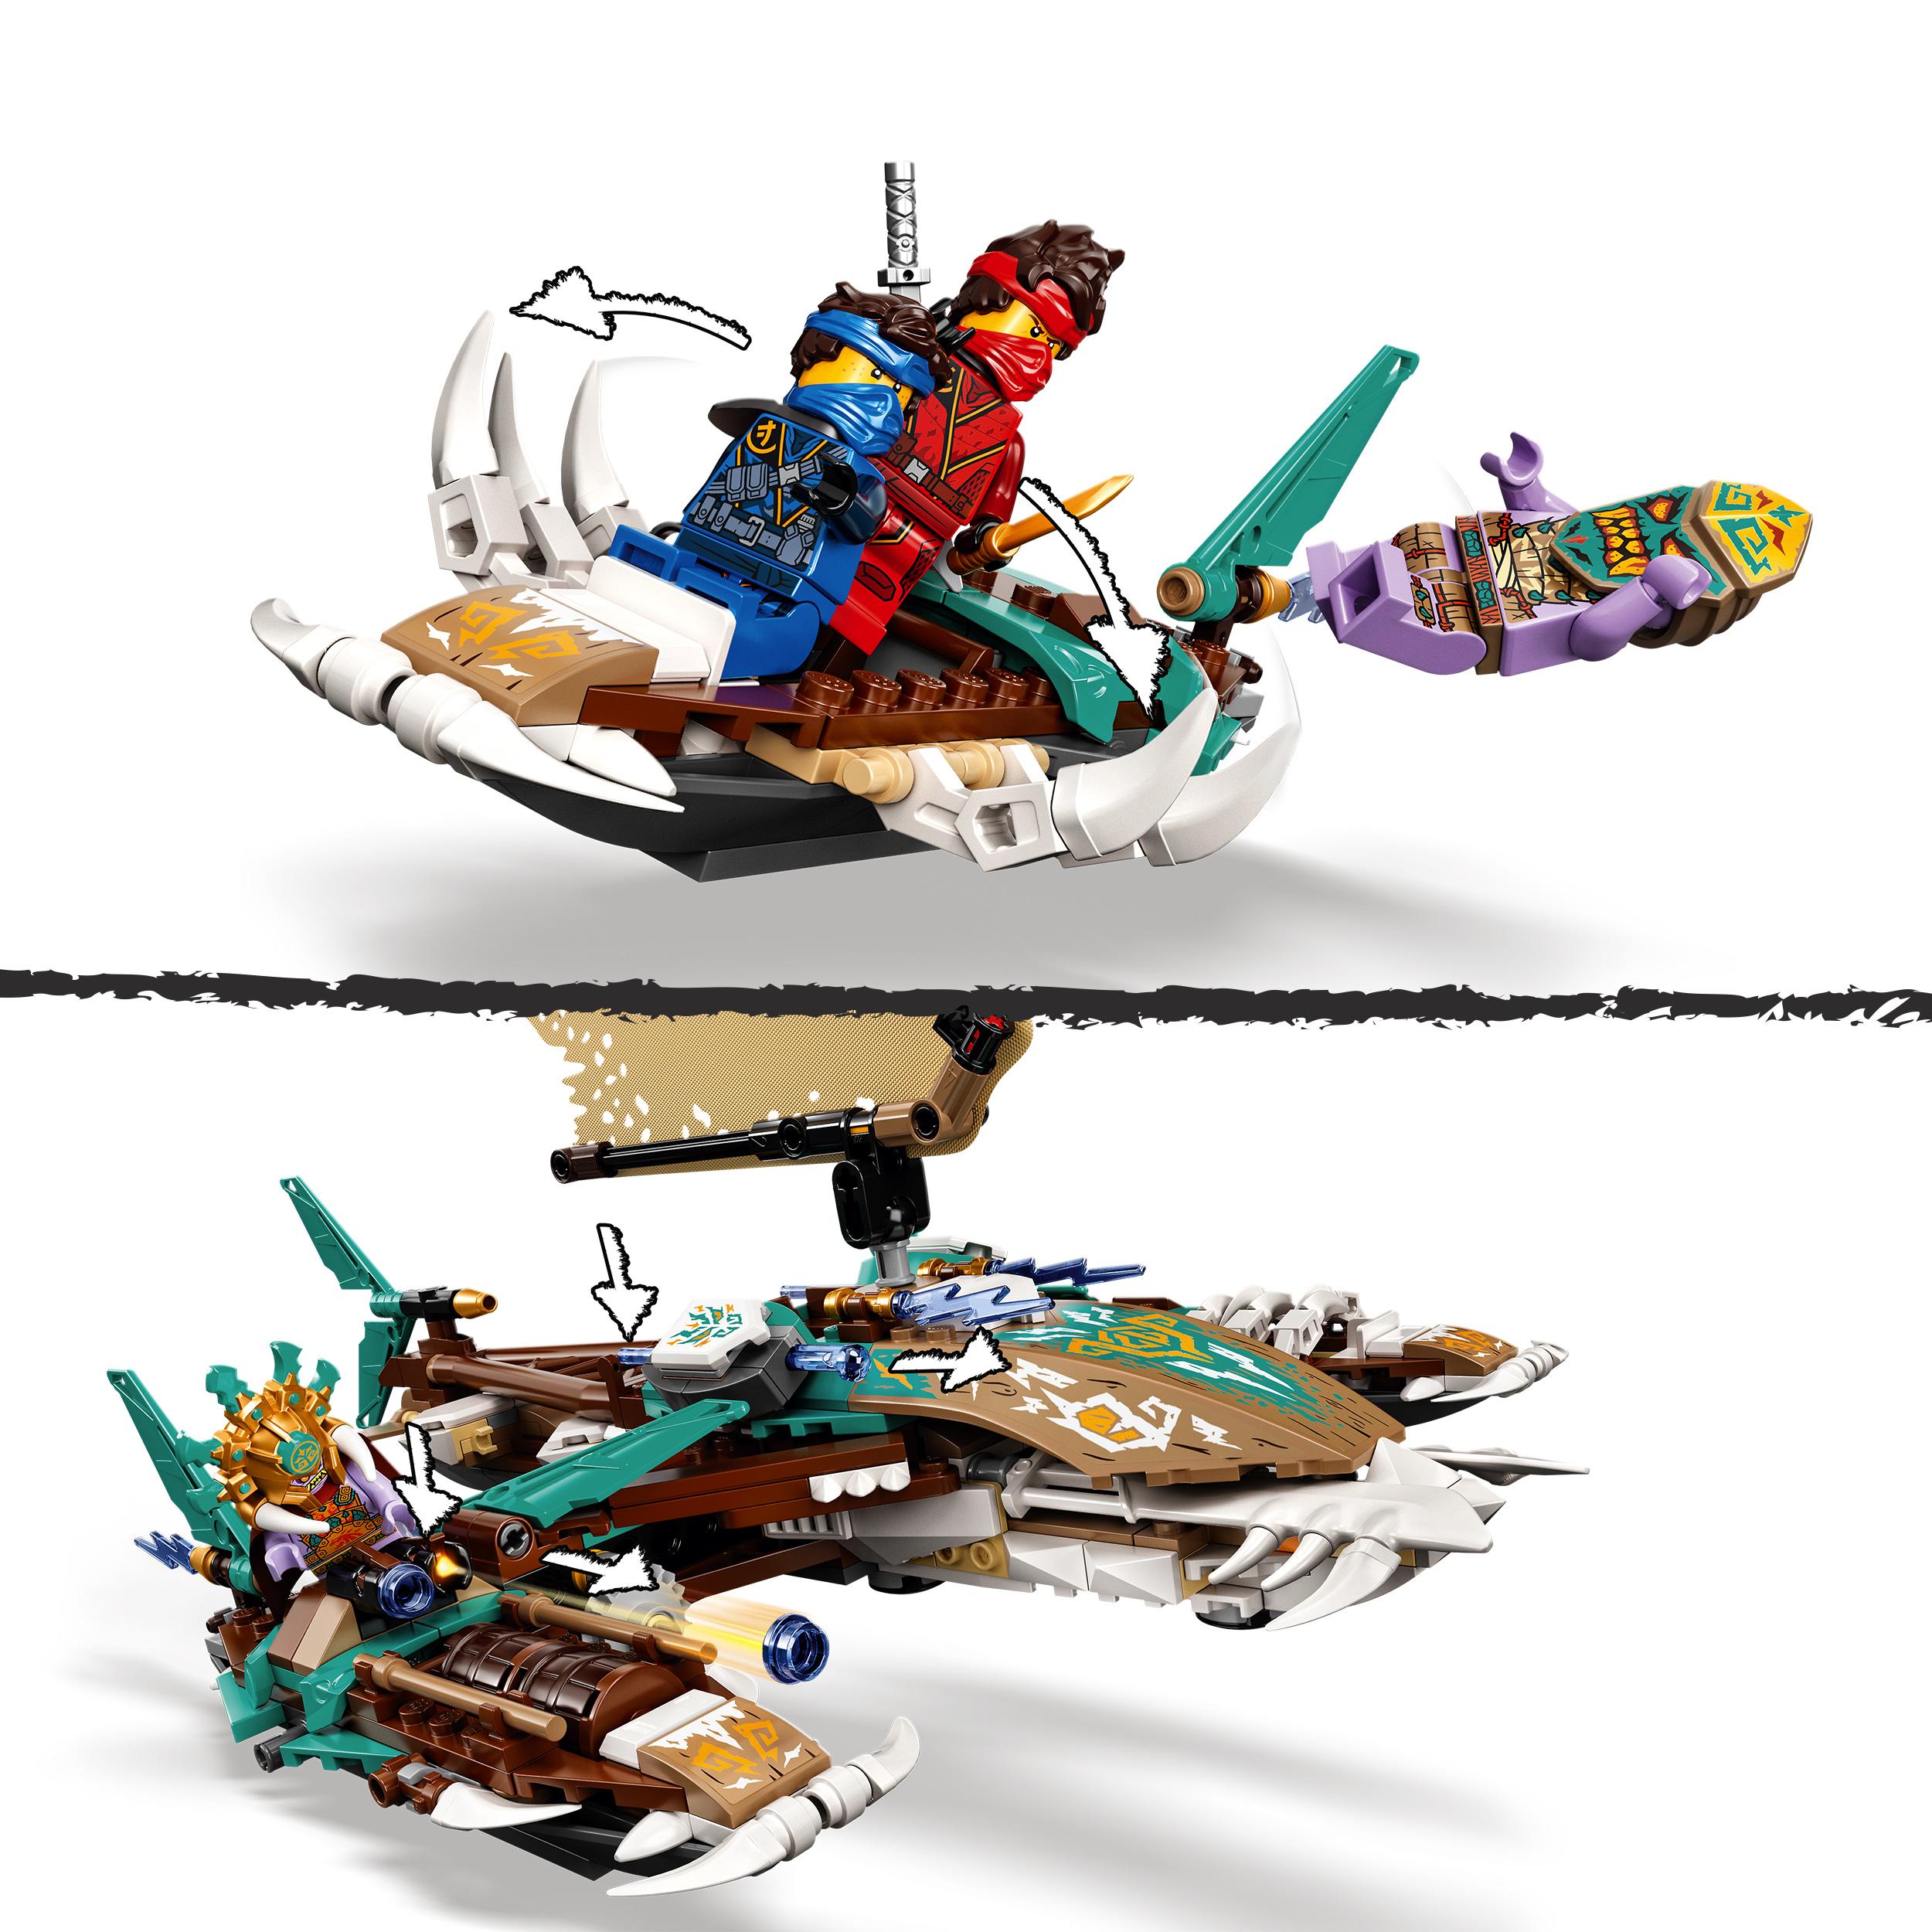 Lego ninjago battaglia in mare dei catamarani, playset con 4 barche giocattolo e minifigure di jay e zane, 71748 - LEGO NINJAGO